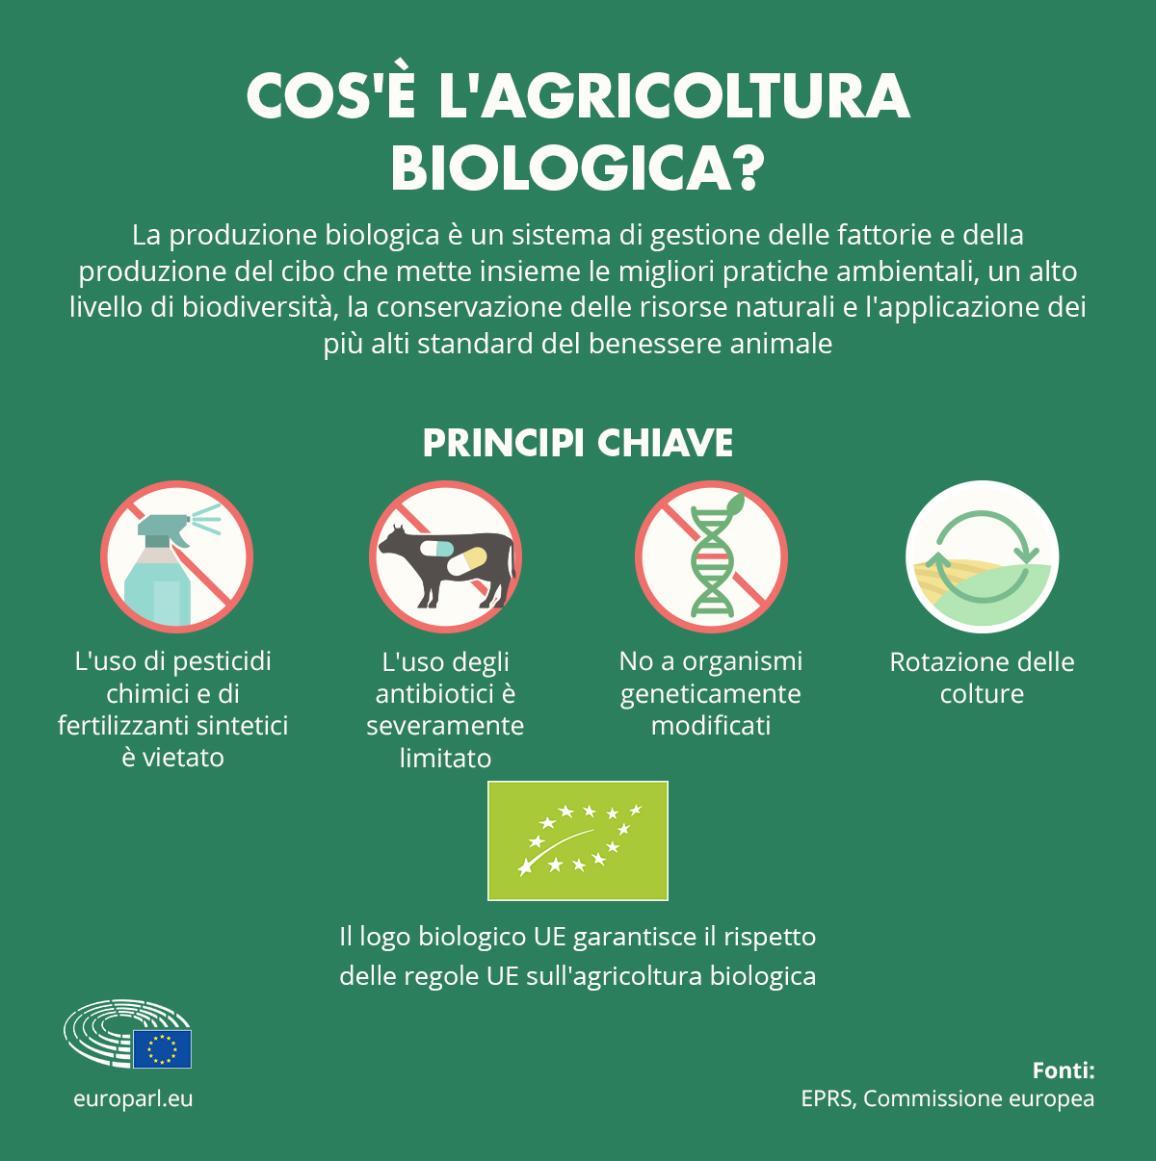 Infografica che spiega i principi base dell'agricoltura biologica